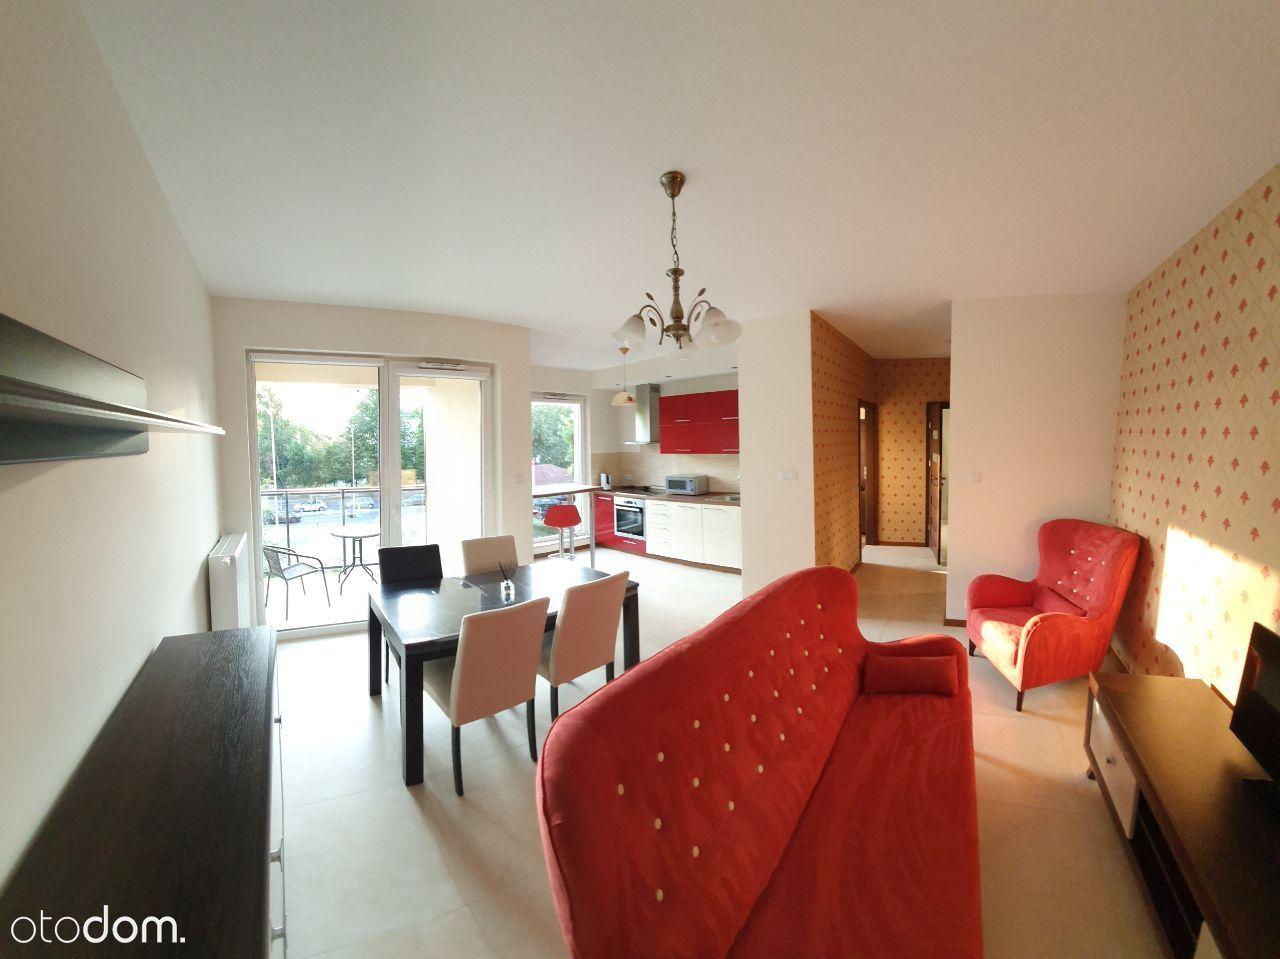 Mieszkanie na osiedlu Wiktoryn/apartment for rent